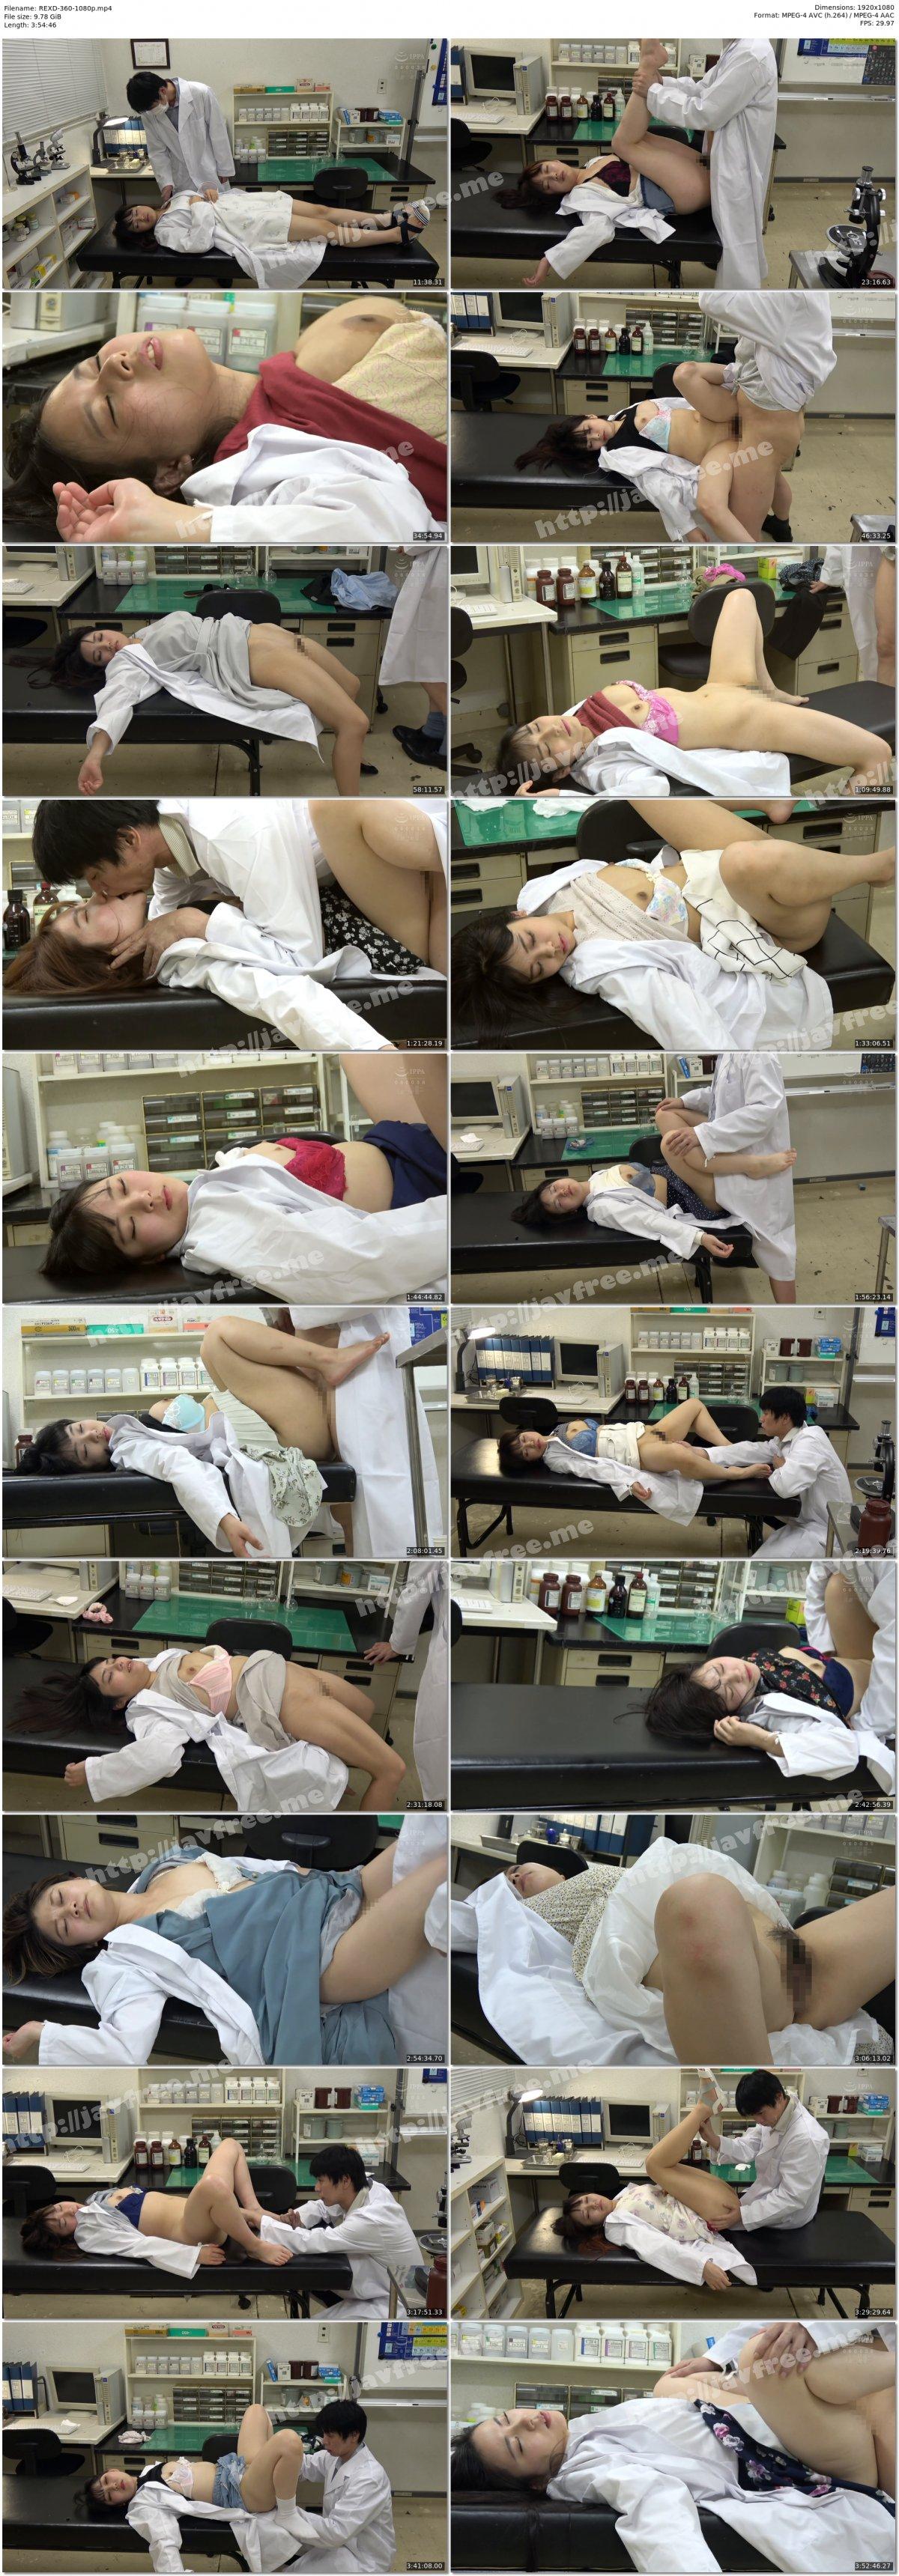 [HD][REXD-360] クロロホルムレ●プ 女子大生+実験室=昏● 「実験中はマスクしろって…あれほど…まぁこうなるわなぁ…」 - image REXD-360-1080p on https://javfree.me